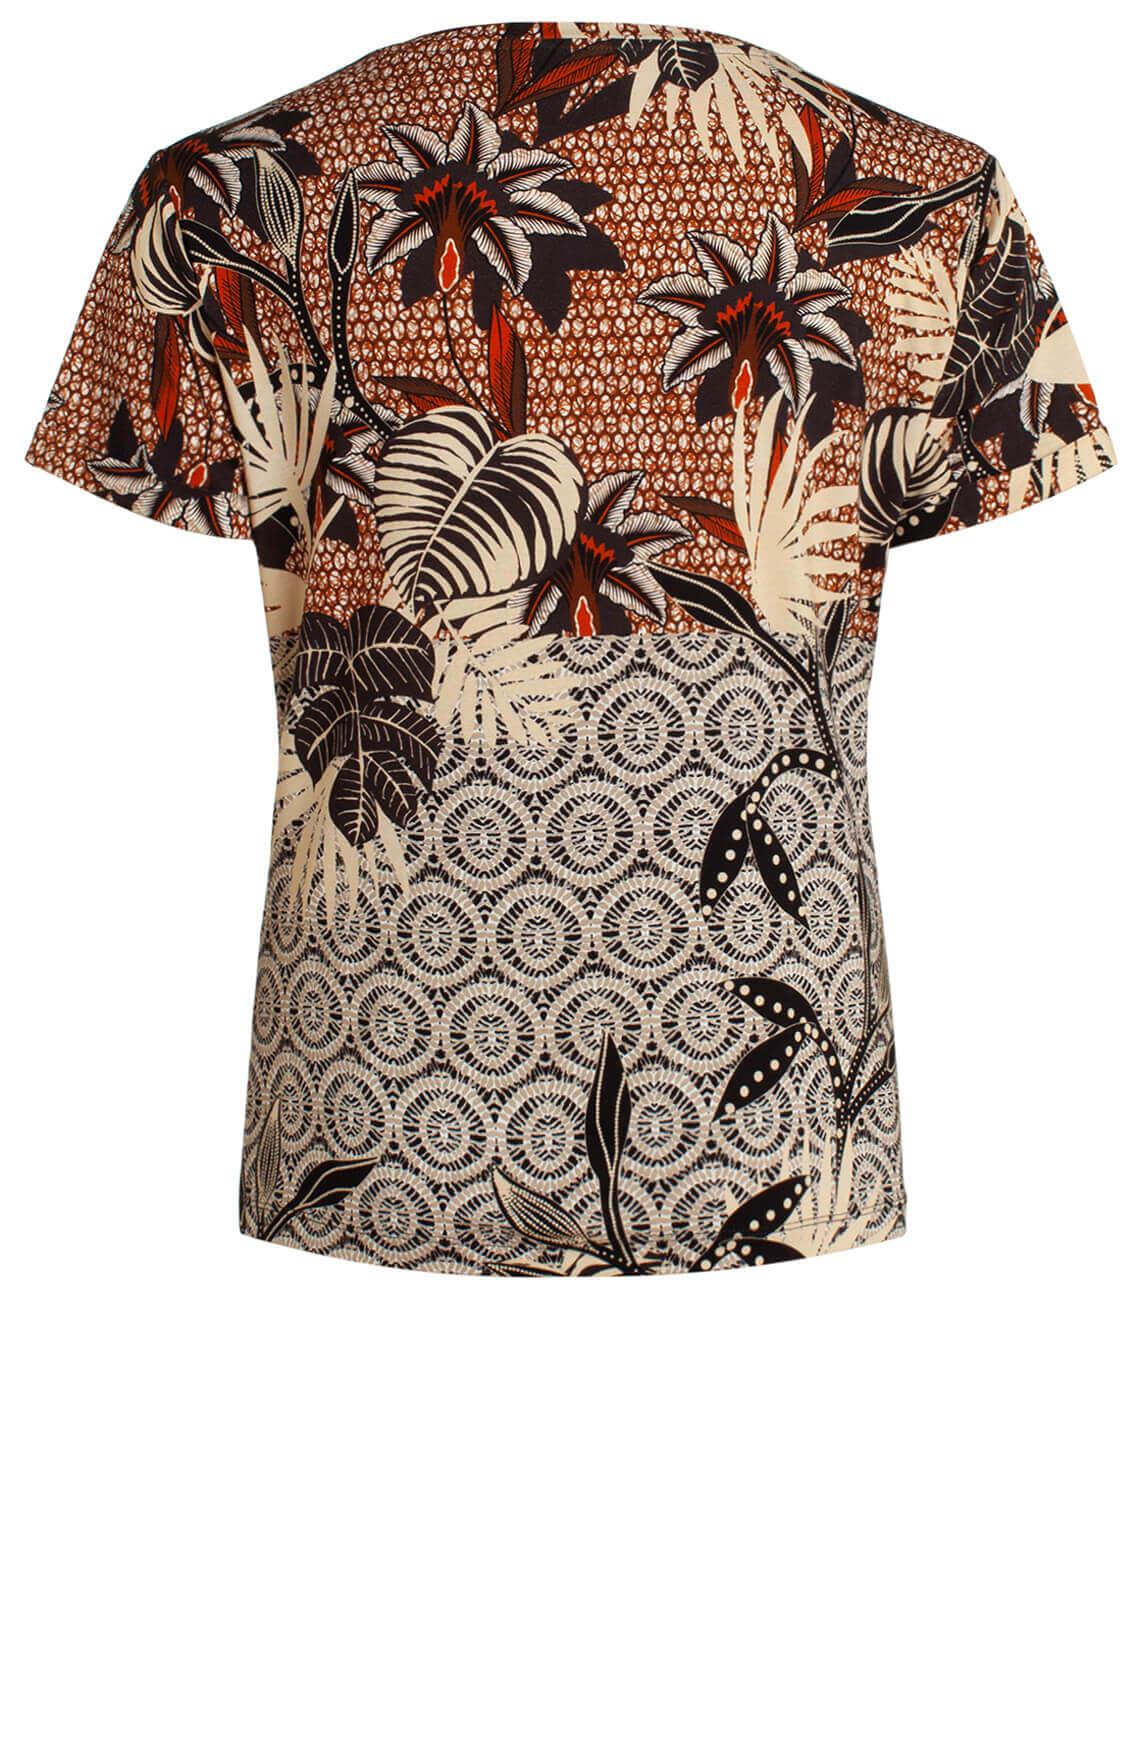 Anna Dames Geprint shirt Bruin